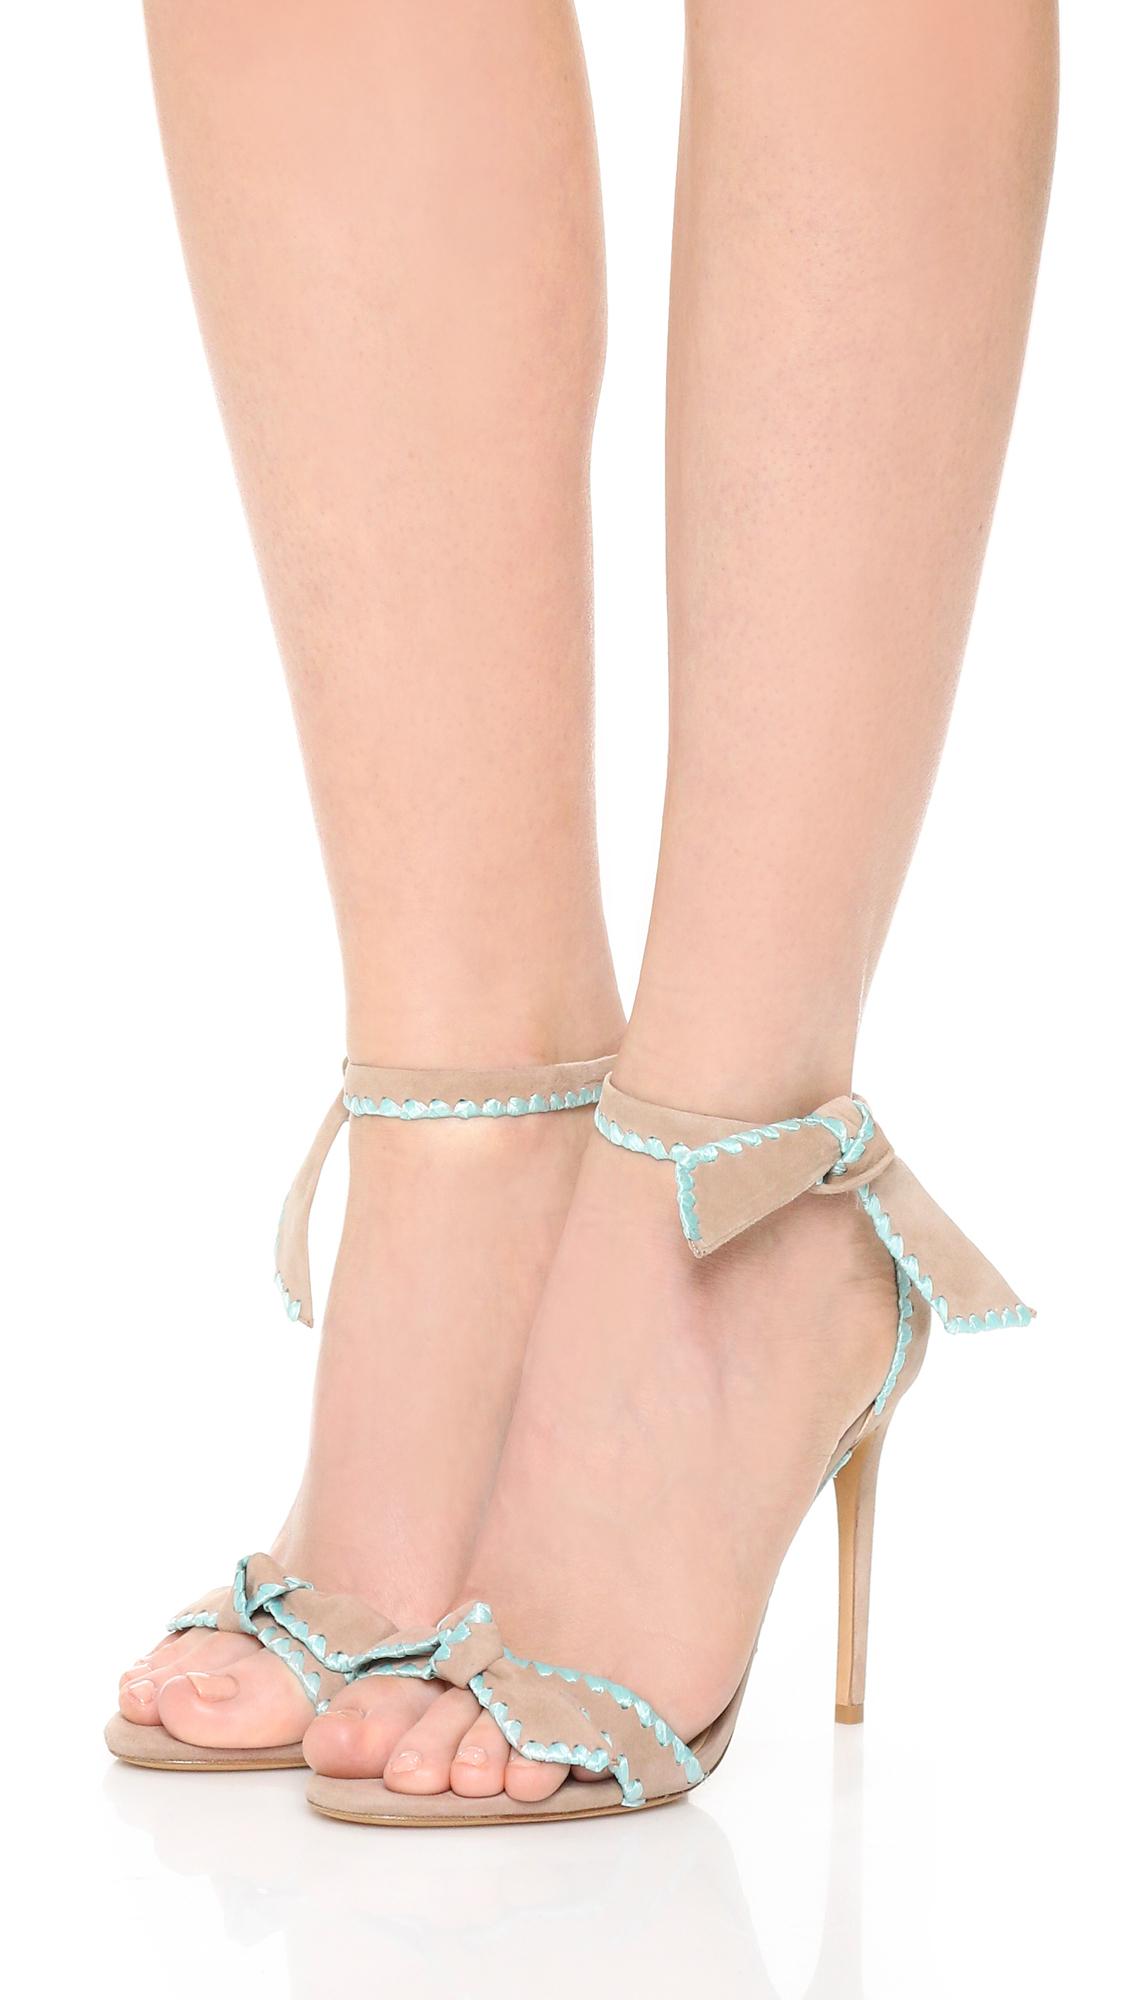 ALEXANDRE BIRMAN Clarita metallic leather sandals